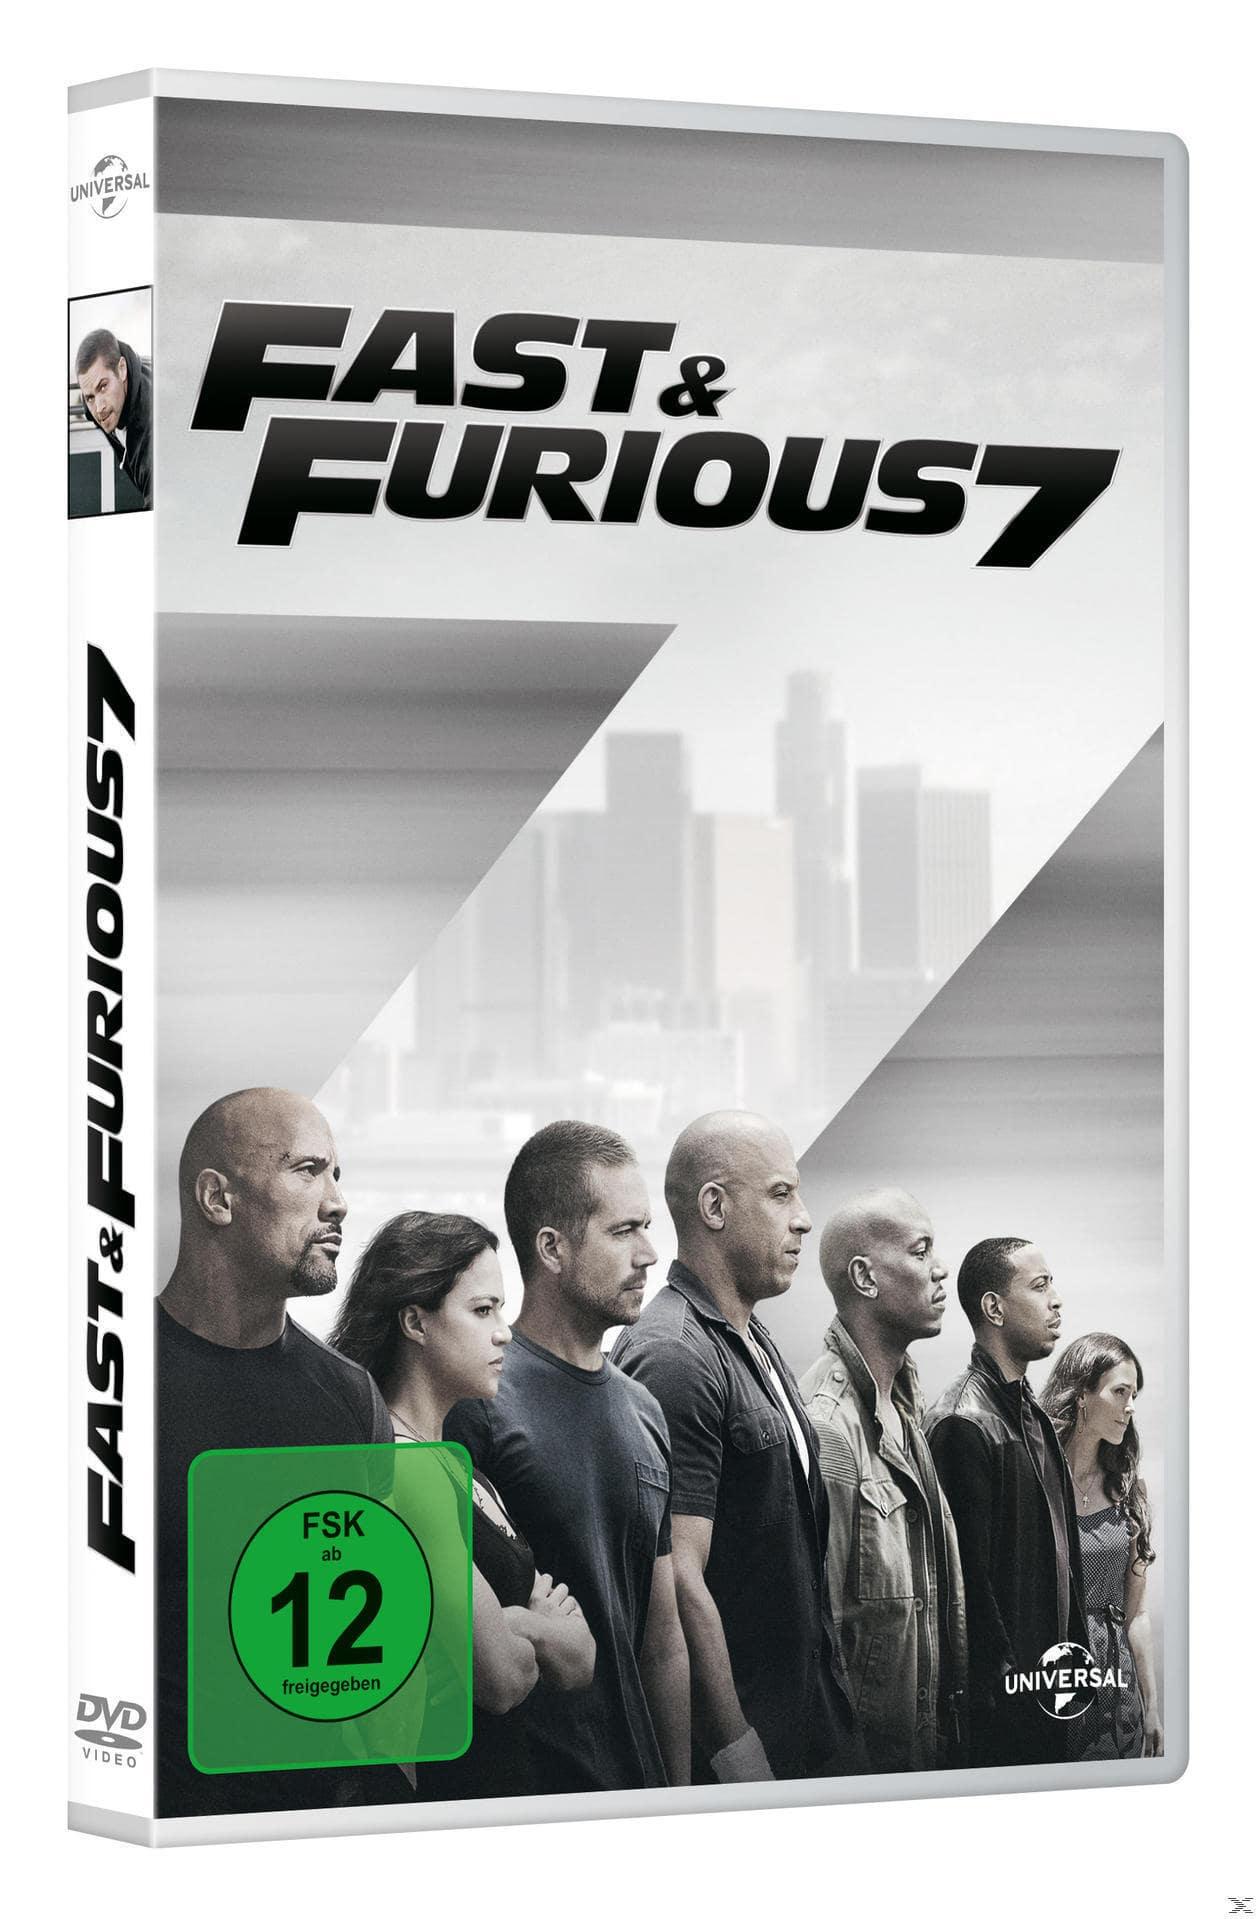 Fast & Furious 7 (DVD) für 8,99 Euro